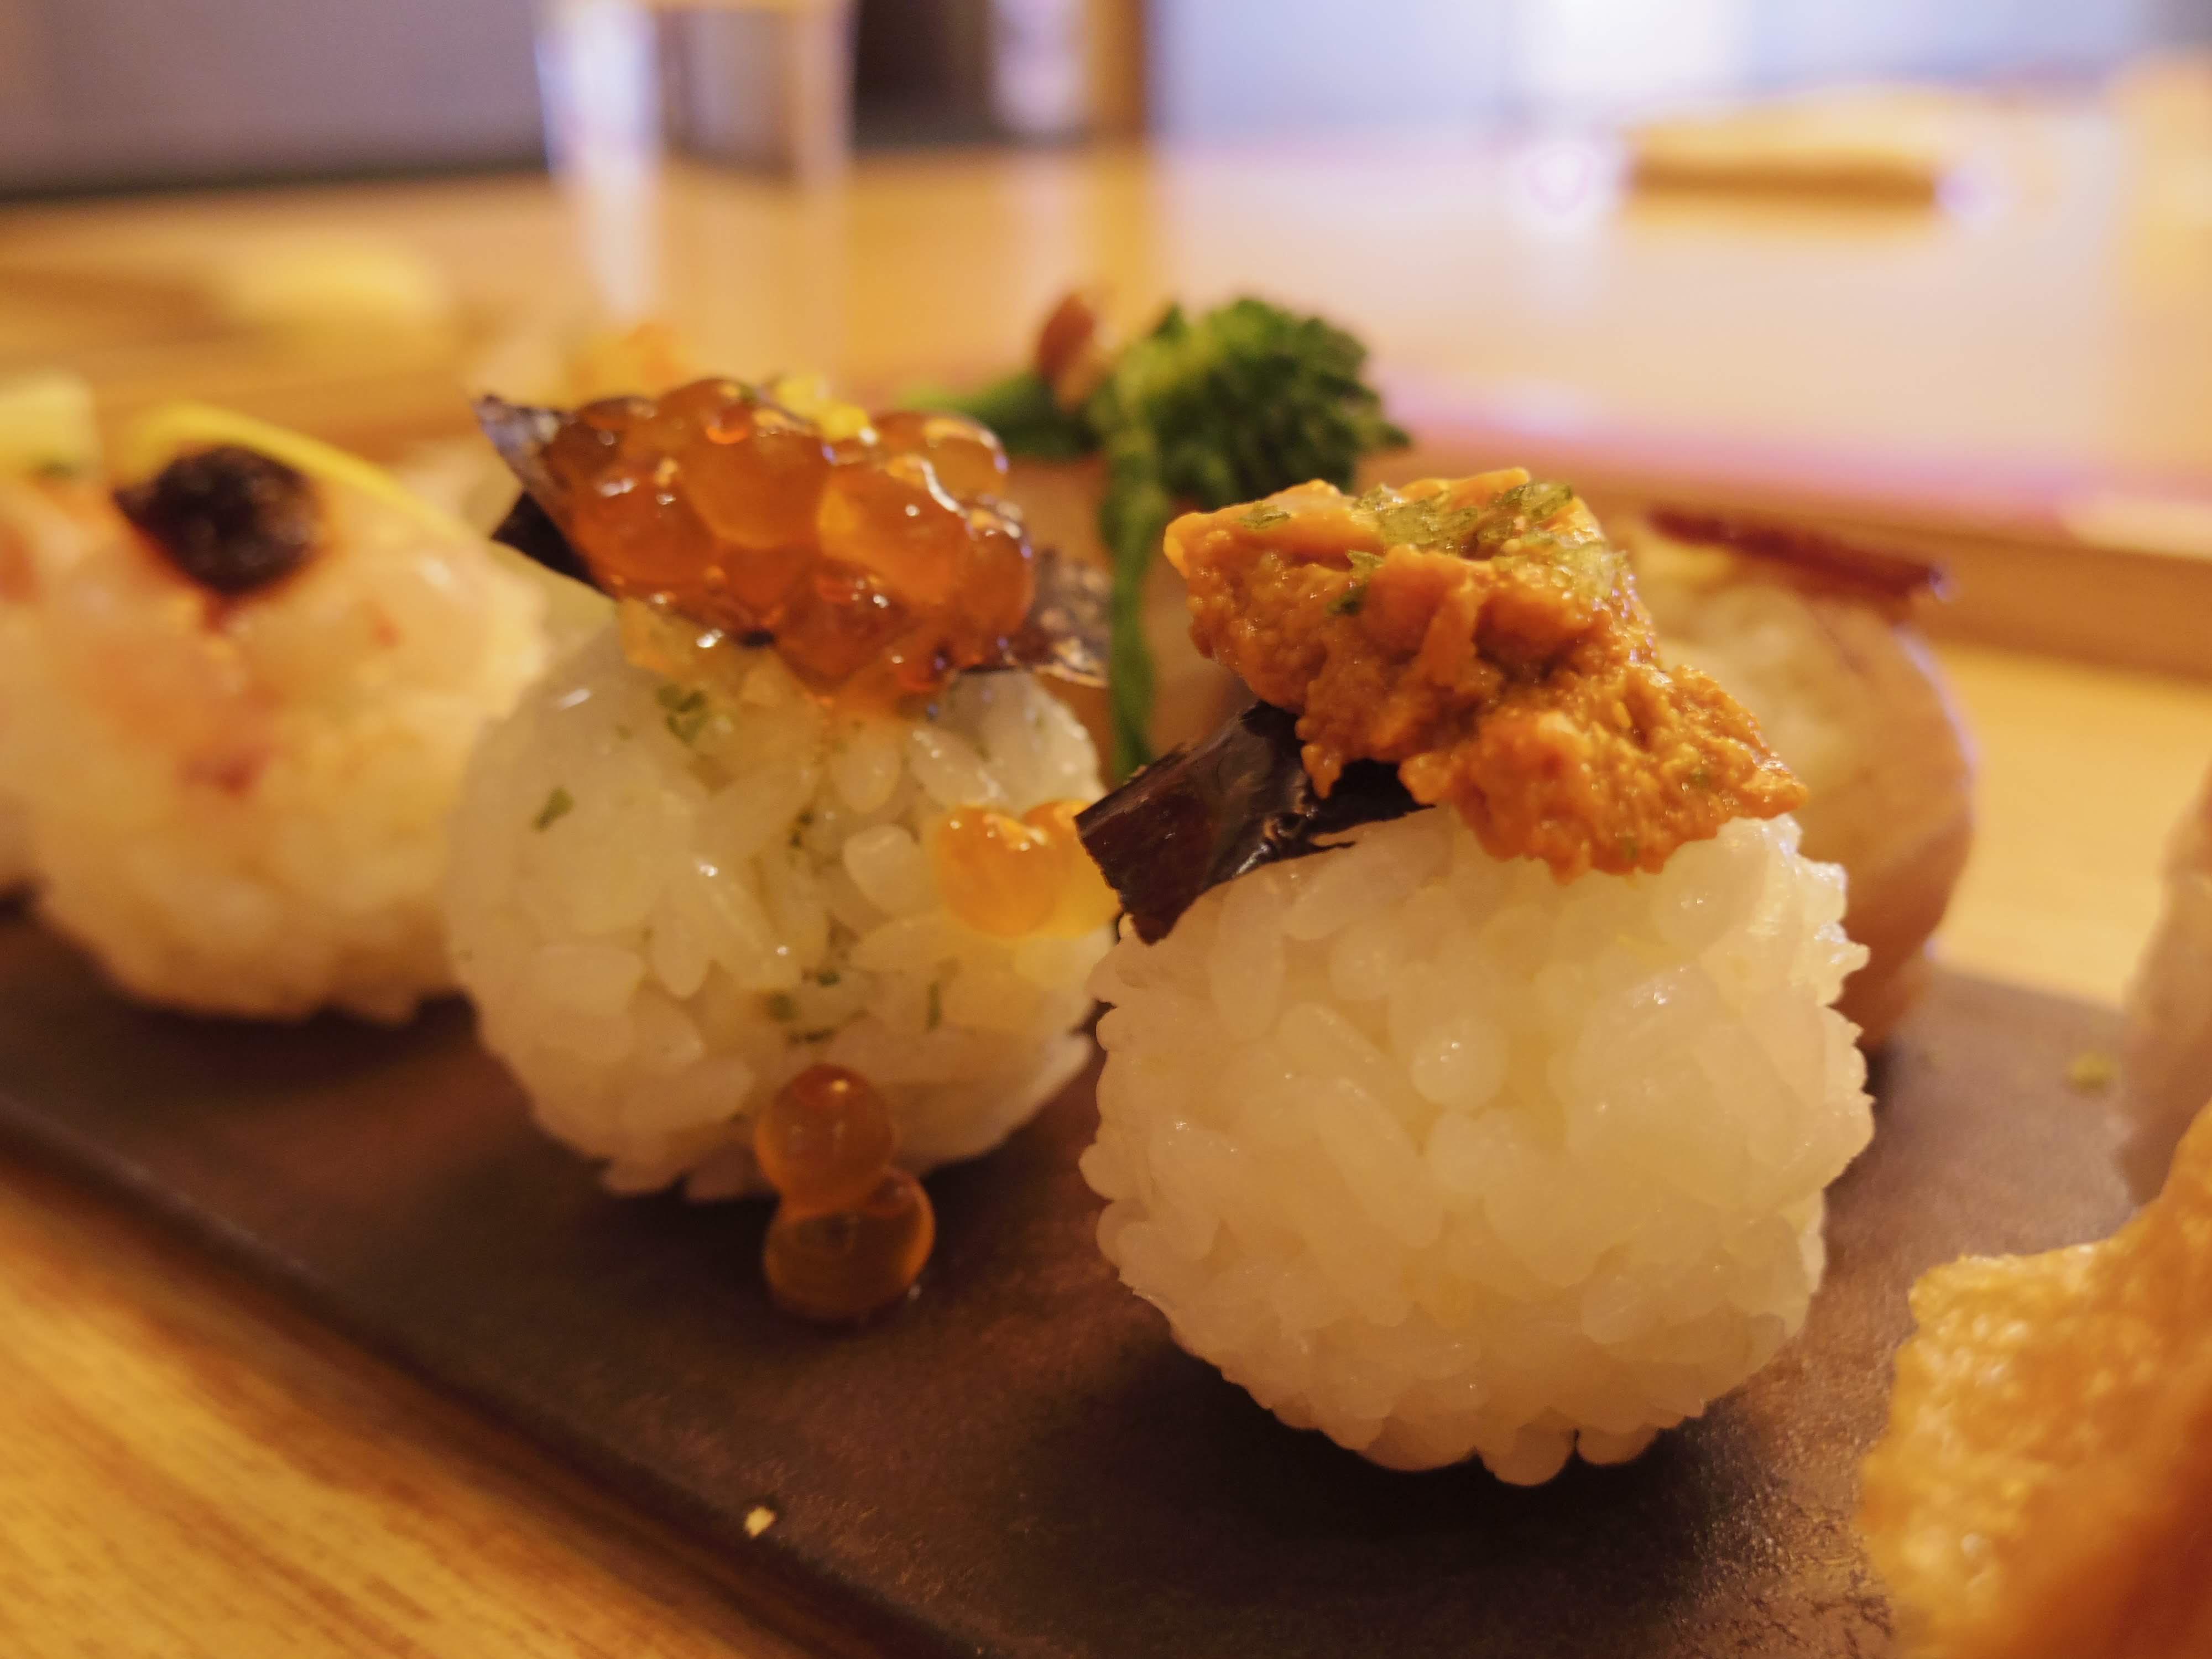 【予約必須】京都で「手鞠鮨」を食べよう♡オススメはここだ!_5